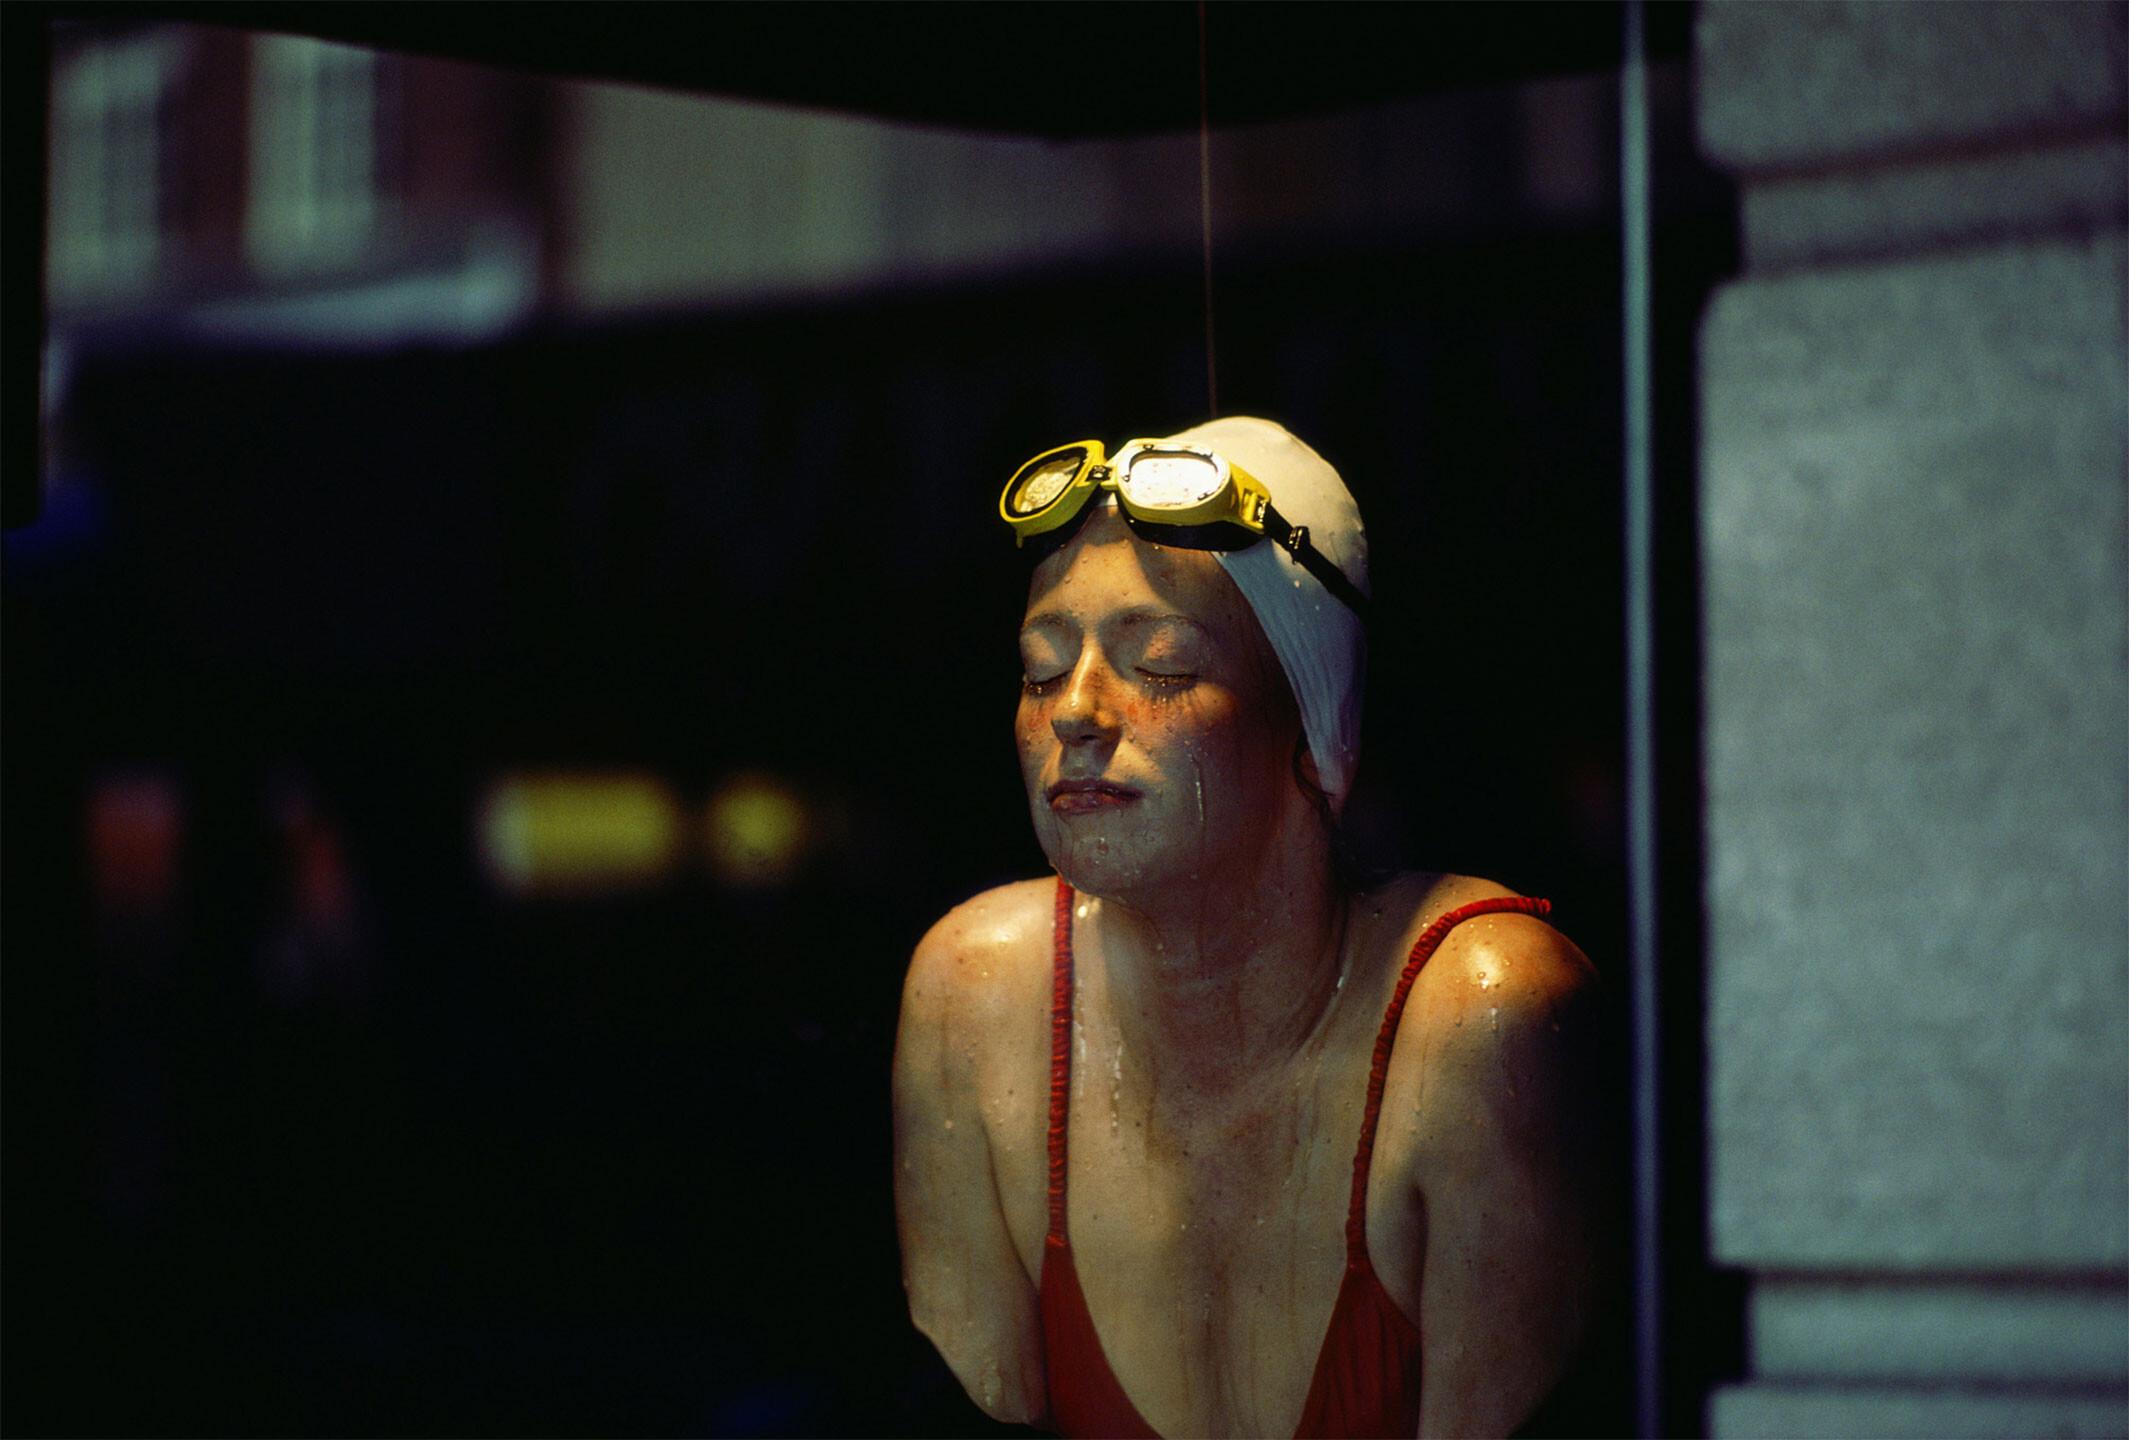 Портрет. Нью-Йорк, 1981. Фотограф Эрнст Хаас